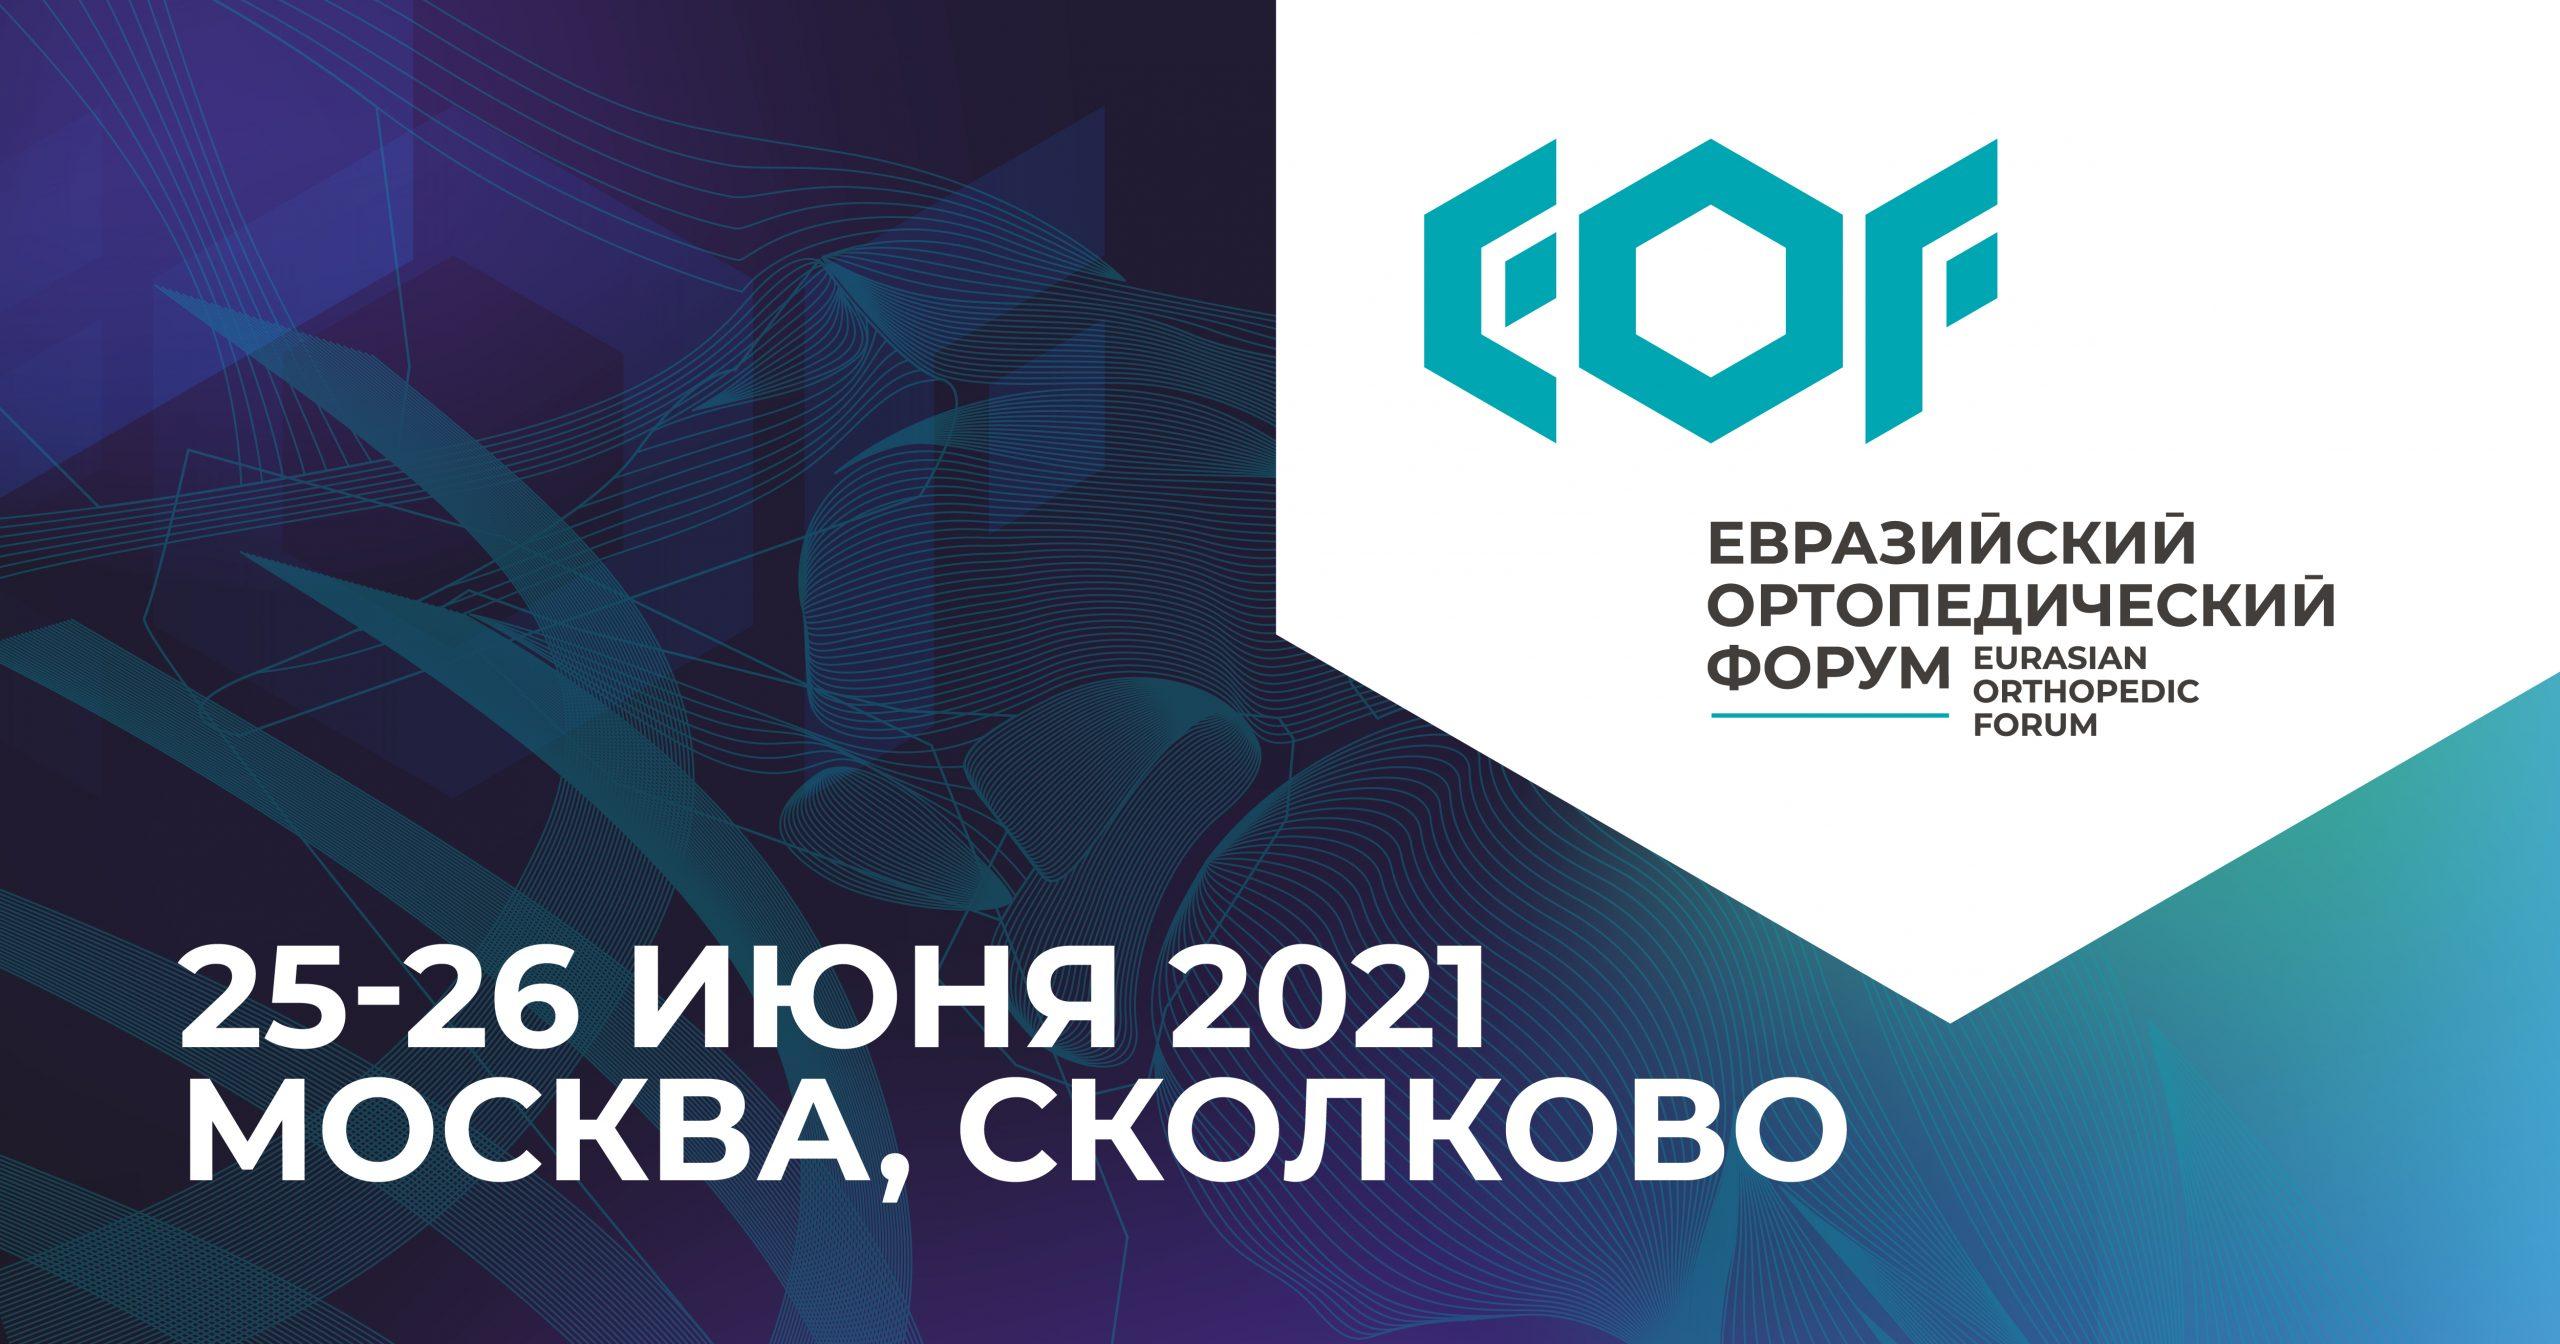 Новейшие подходы к лечению деформаций и дегенеративной патологии позвоночника обсудят на секции AO Spine Евразийского ортопедического форума